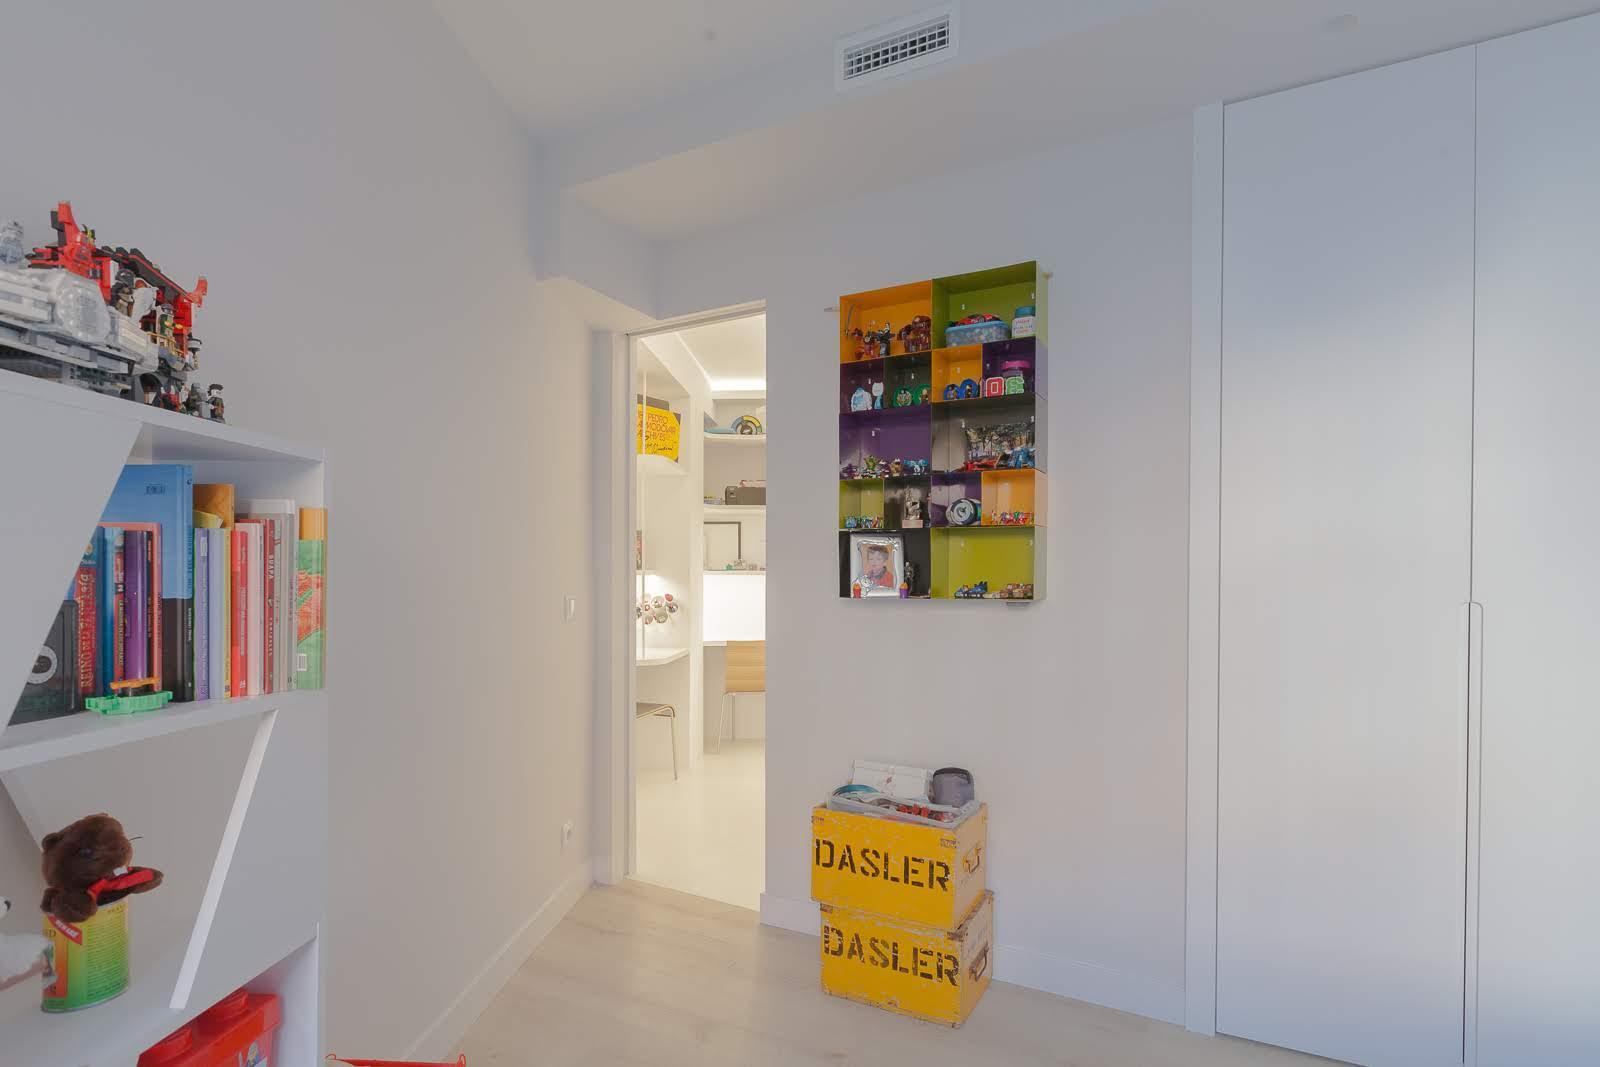 design d'intérieur avec momocca Iker Lopez